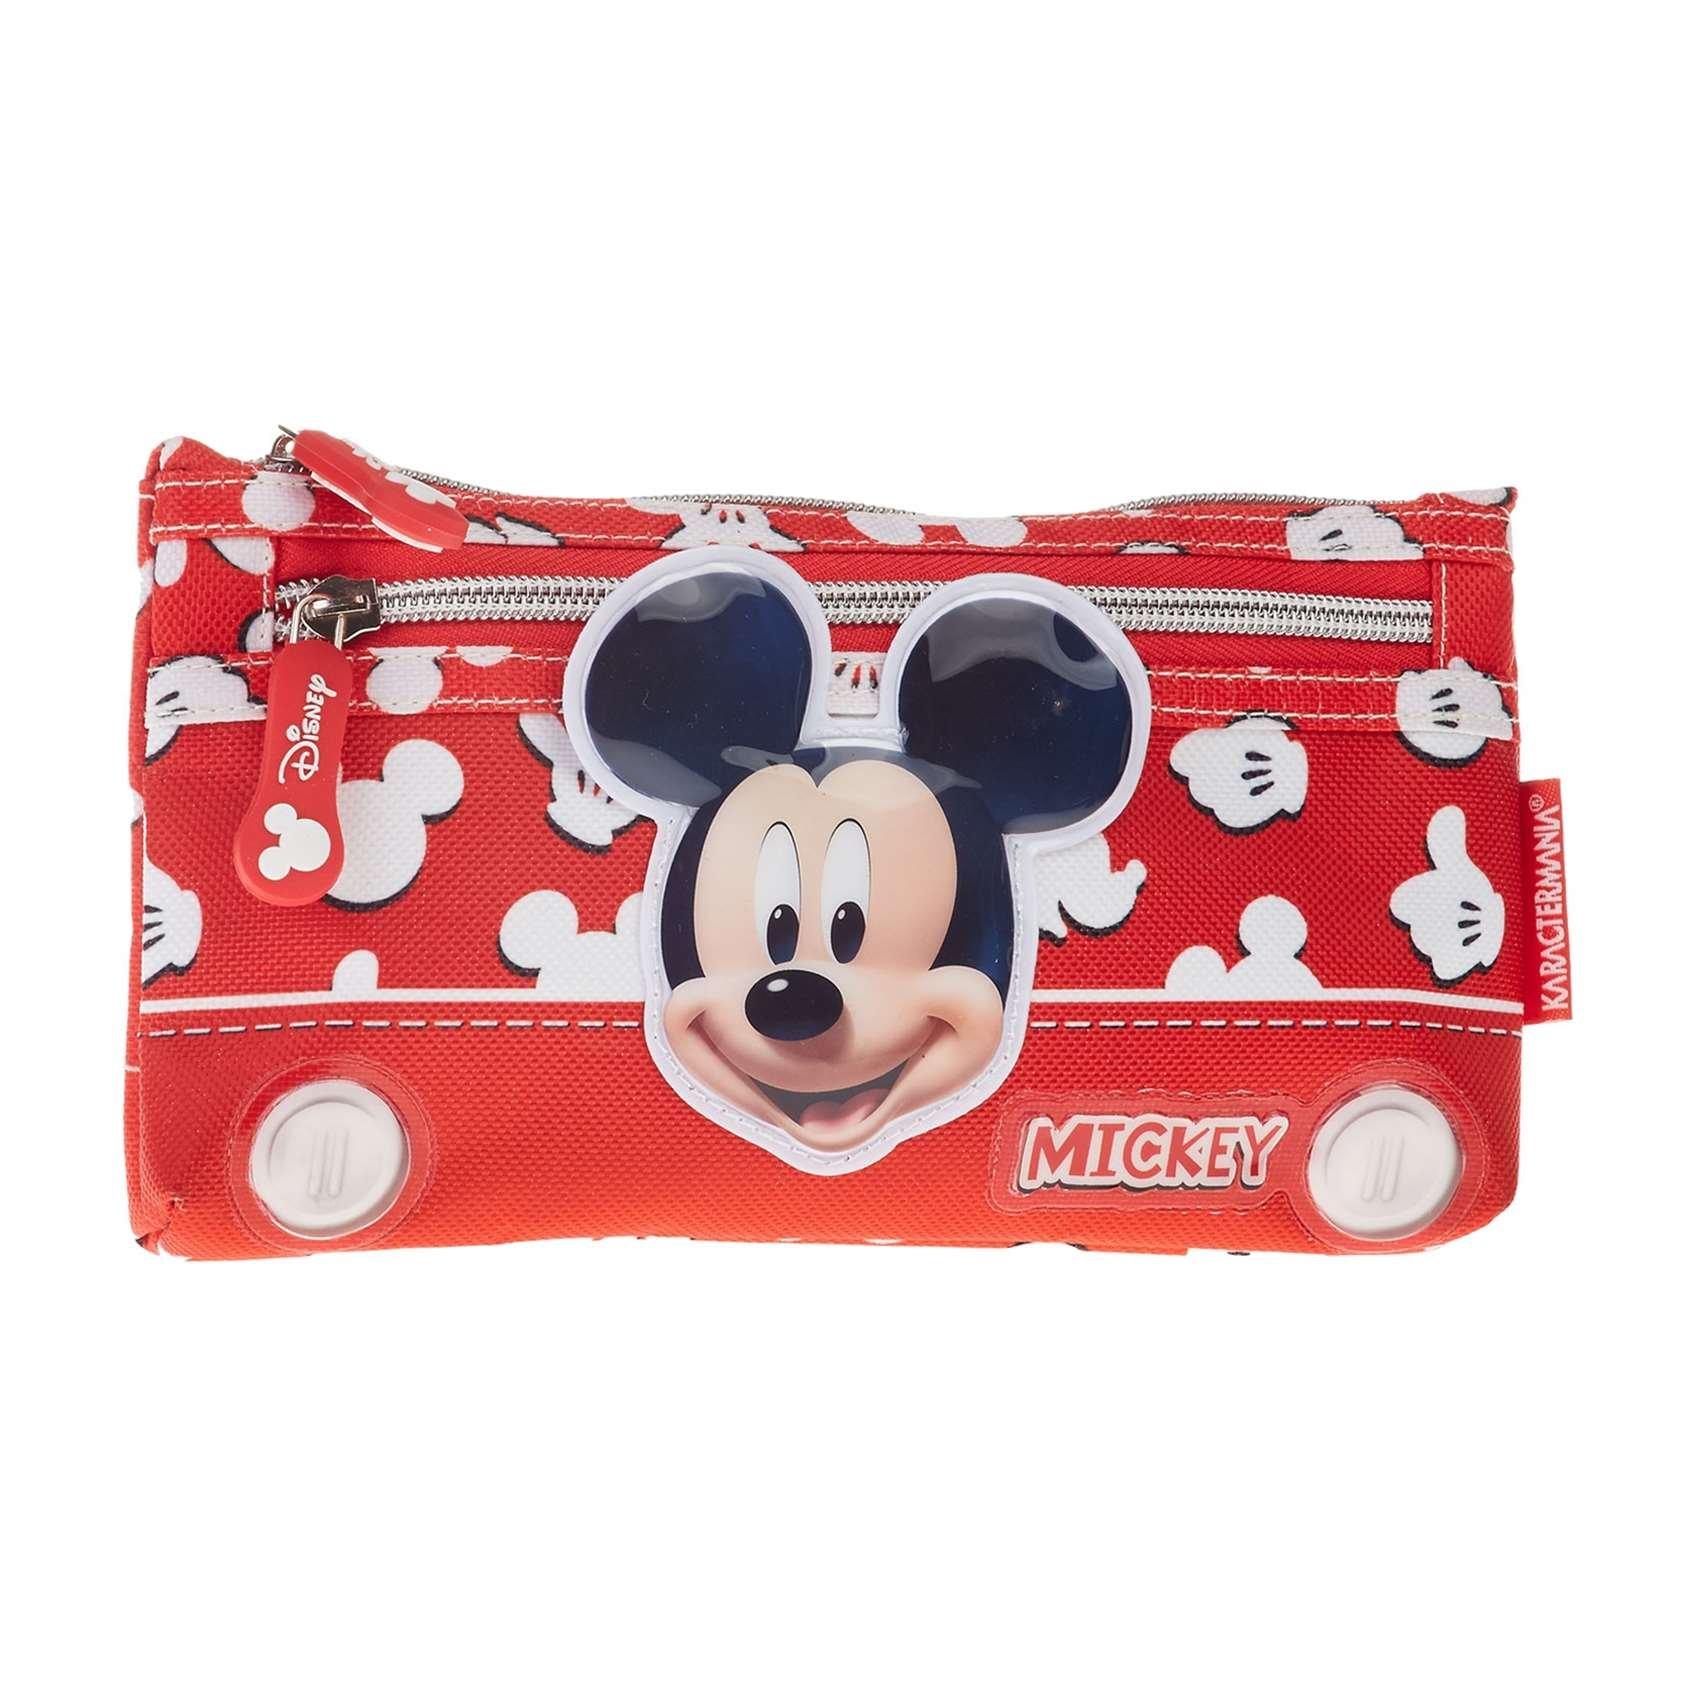 Mickey Mouse Estuche portatodo Plano, Color Rojo, 22 cm (Karactermanía 30996): Amazon.es: Juguetes y juegos